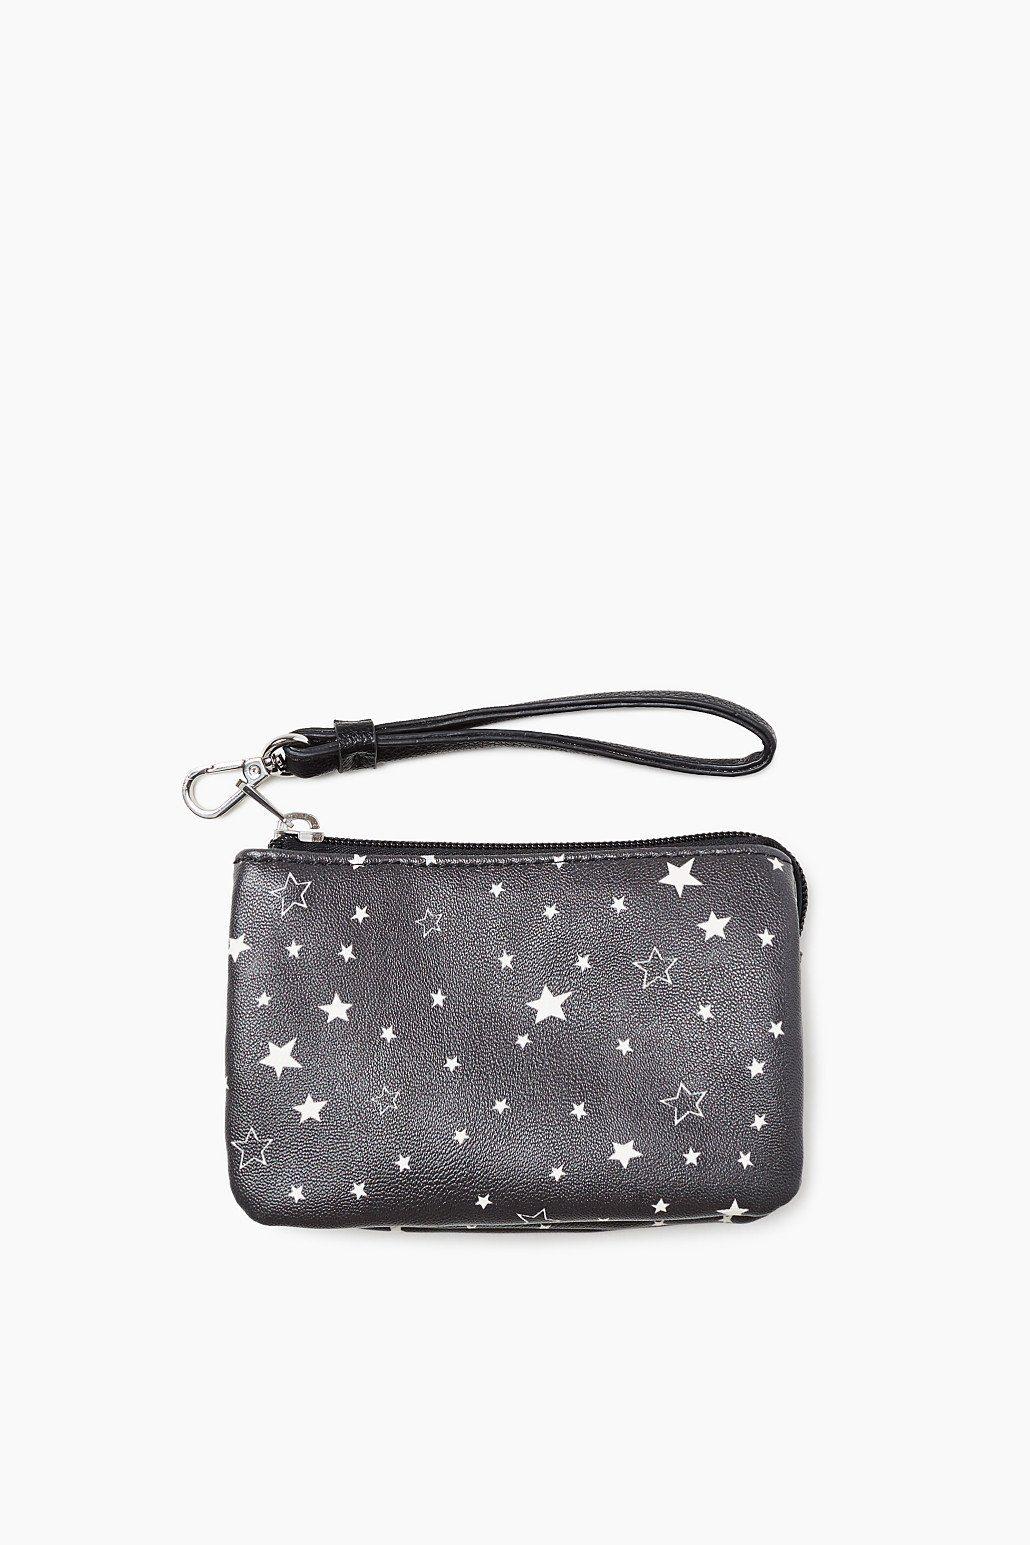 ESPRIT CASUAL Kleine Zipper-Tasche mit Allover-Stern-Print